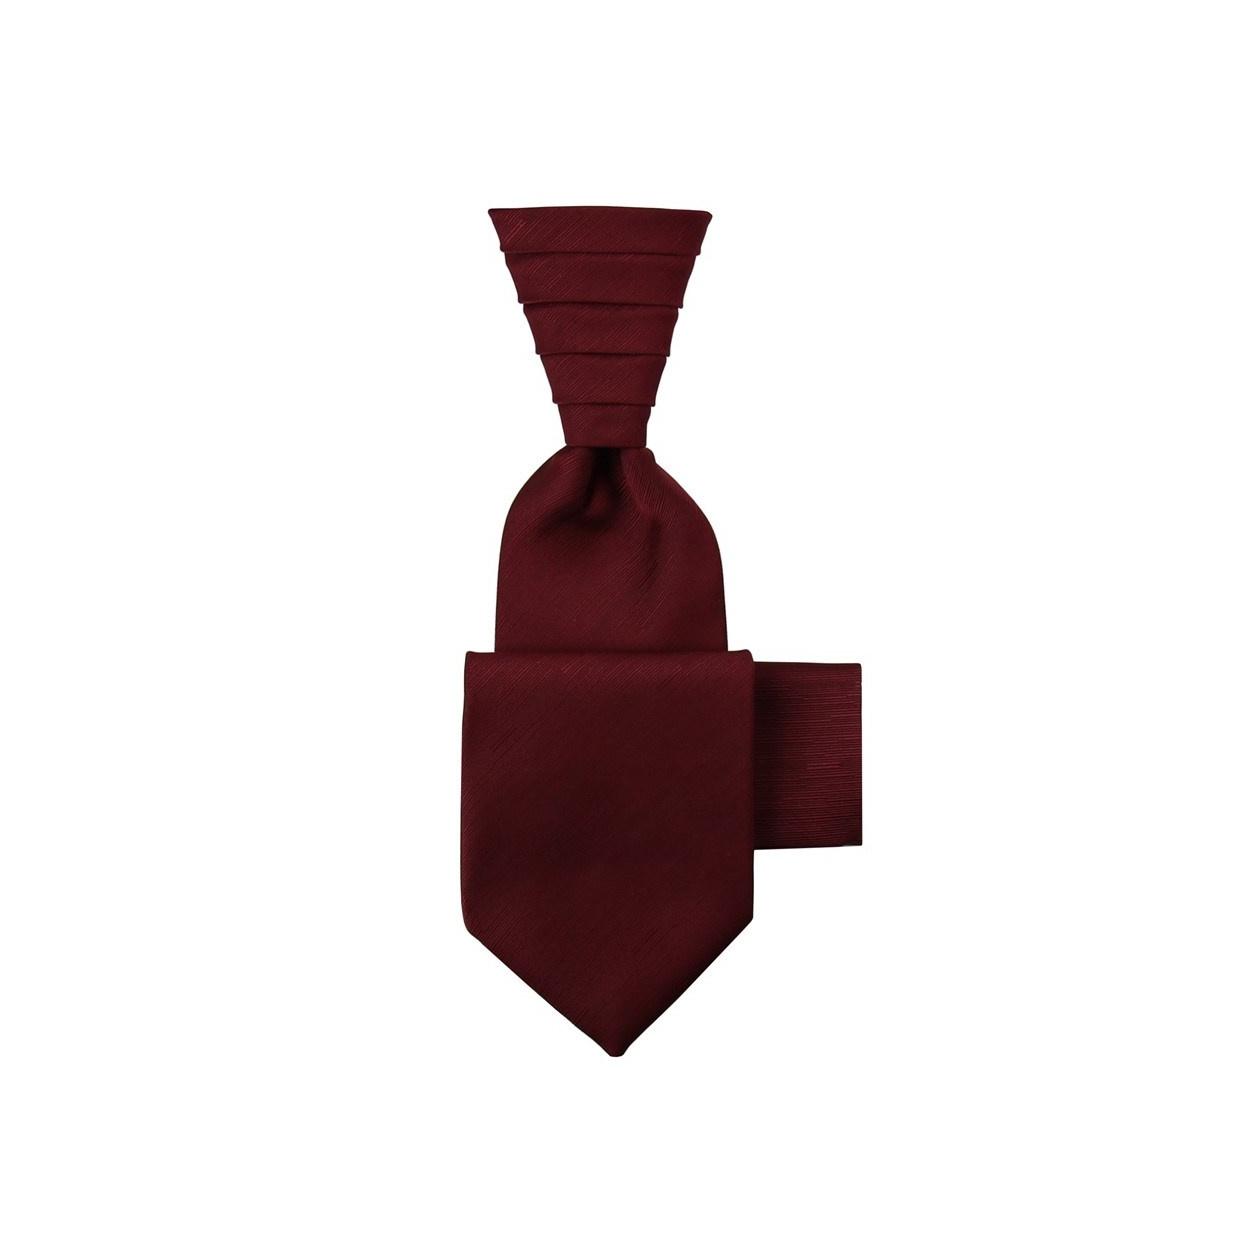 Vínově červená svatební kravata s kapesníčkem - Regata s jemným rýhováním